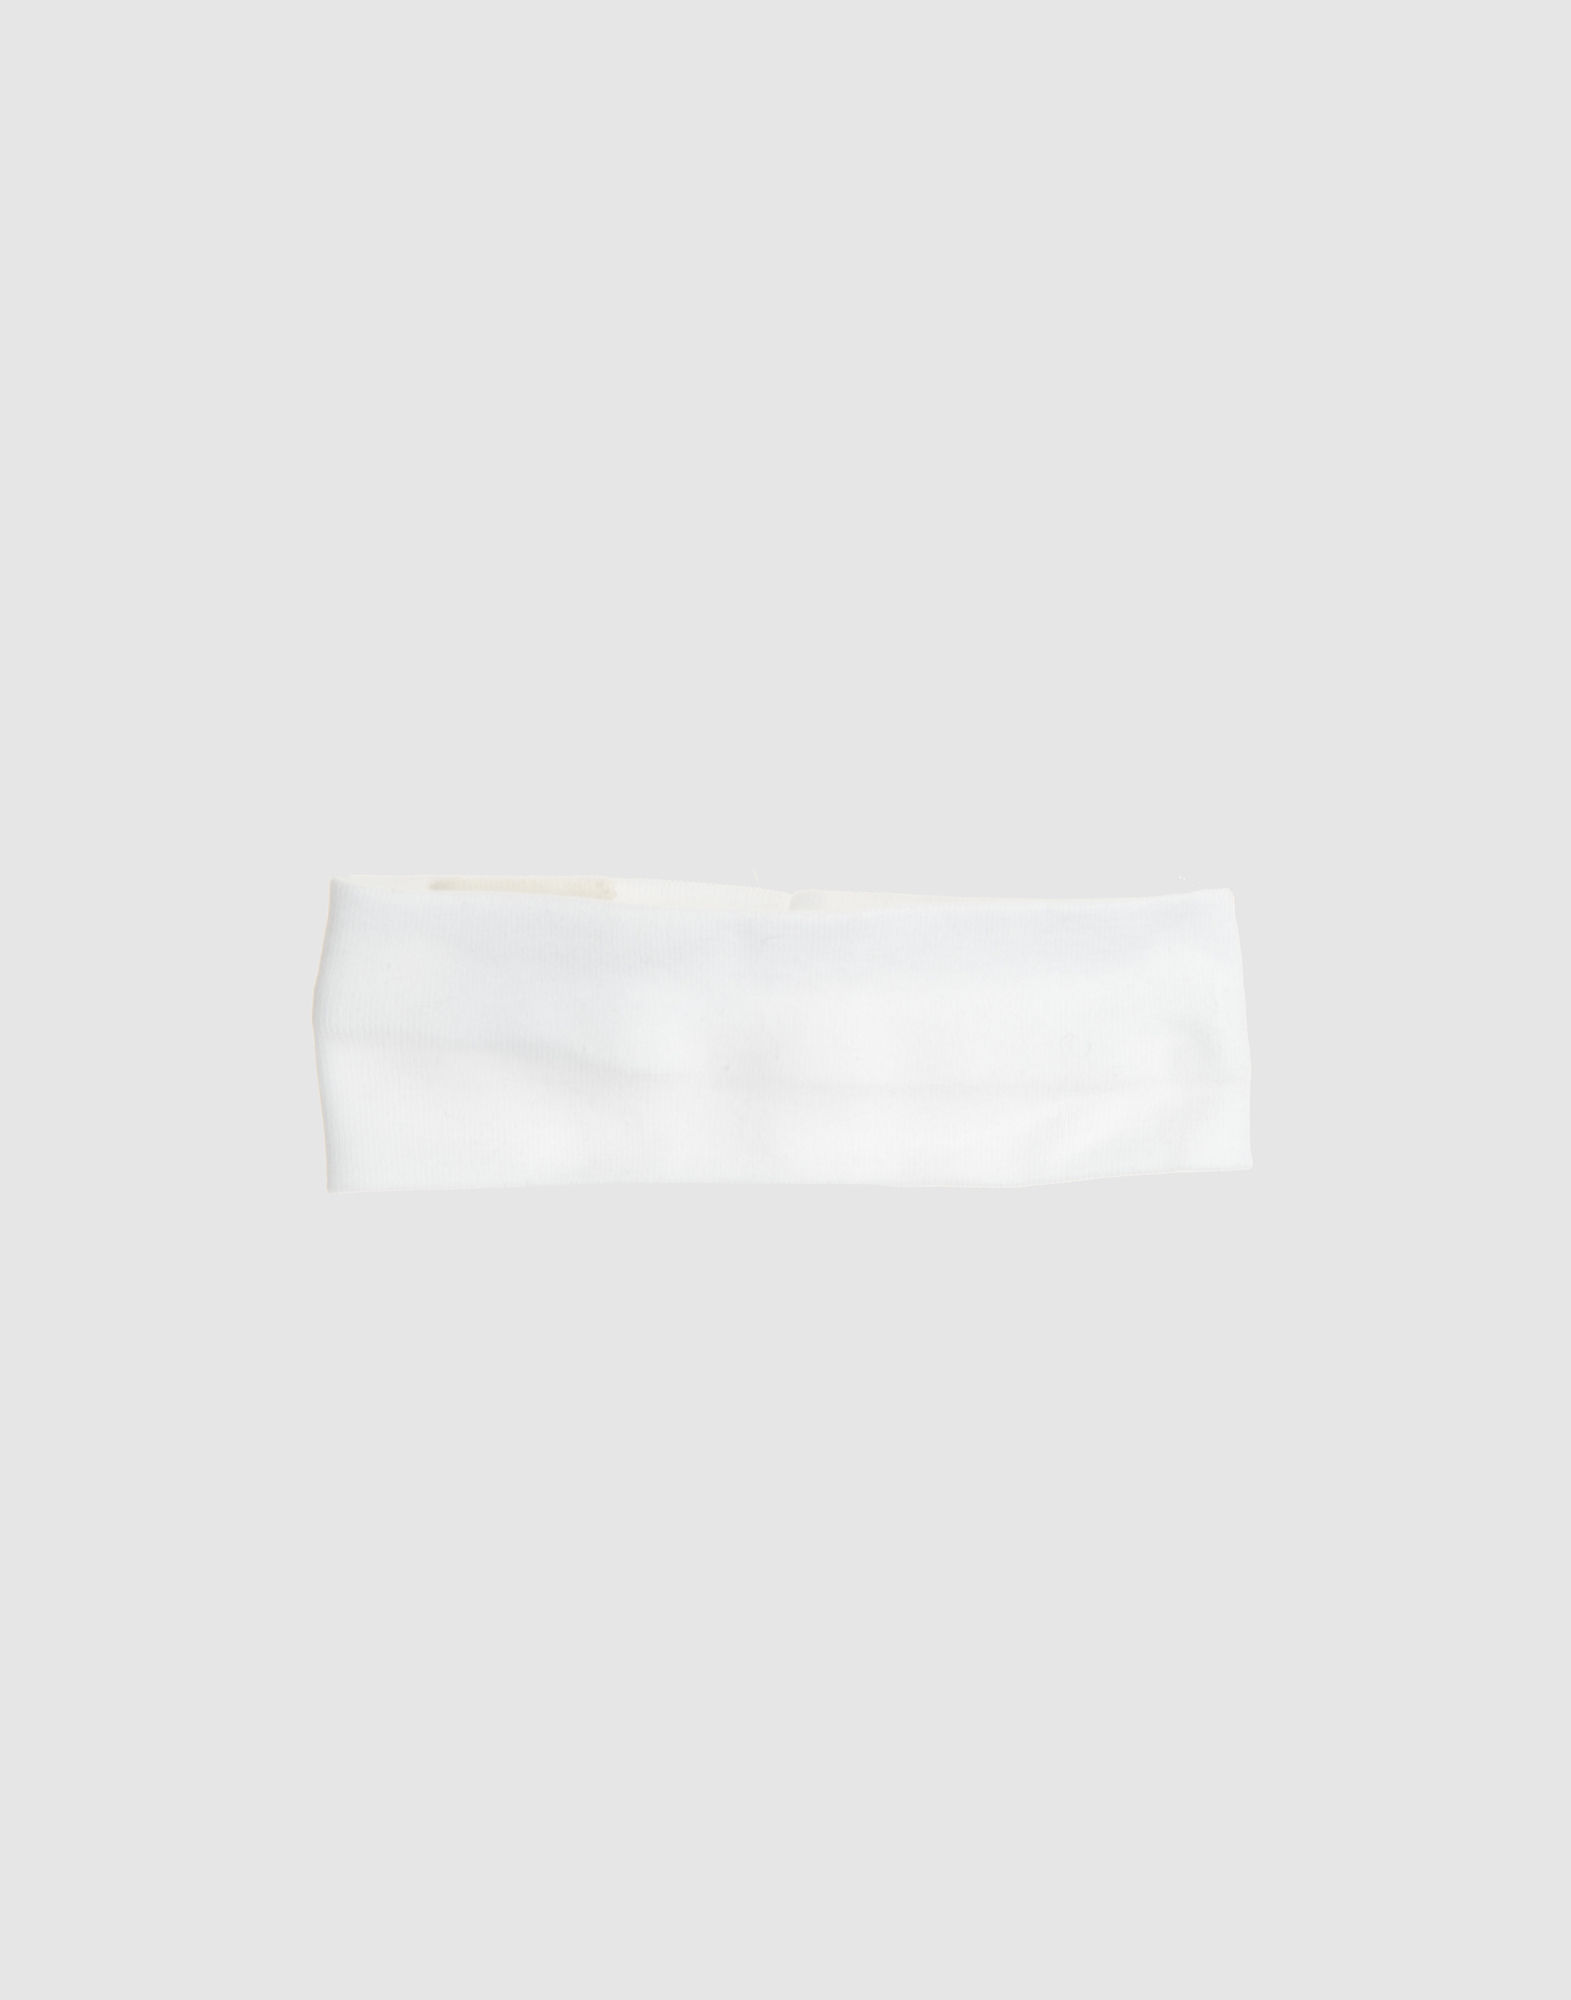 DOUUOD Mädchen 0-24 monate Haaraccessoire Farbe Weiß Größe 6